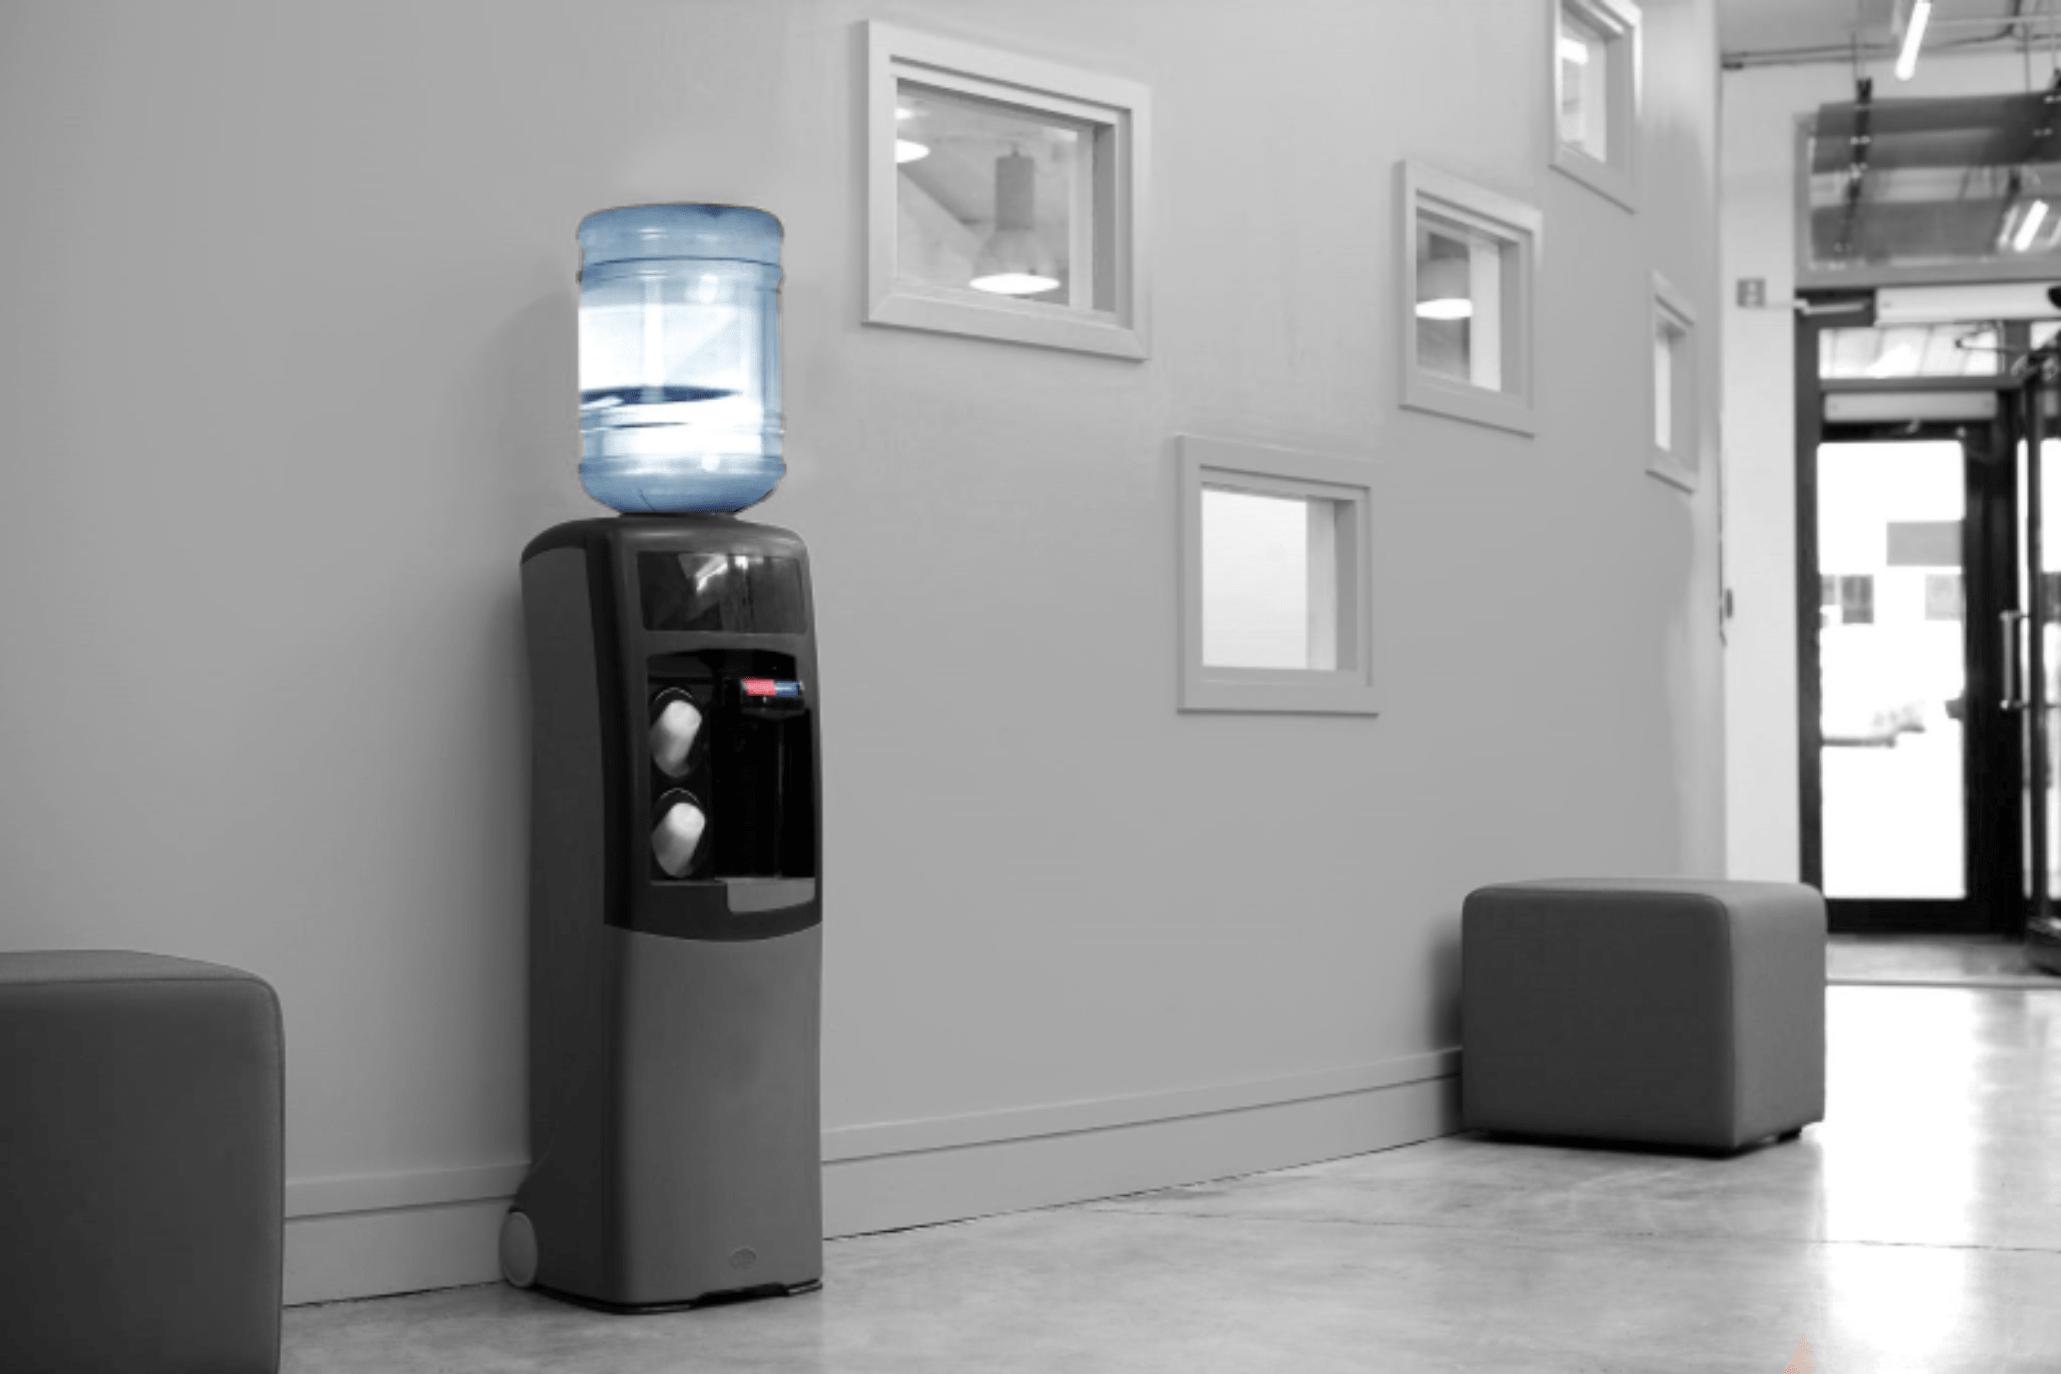 pourquoi avoir une fontaine eau dans sa cuisine recetteo. Black Bedroom Furniture Sets. Home Design Ideas